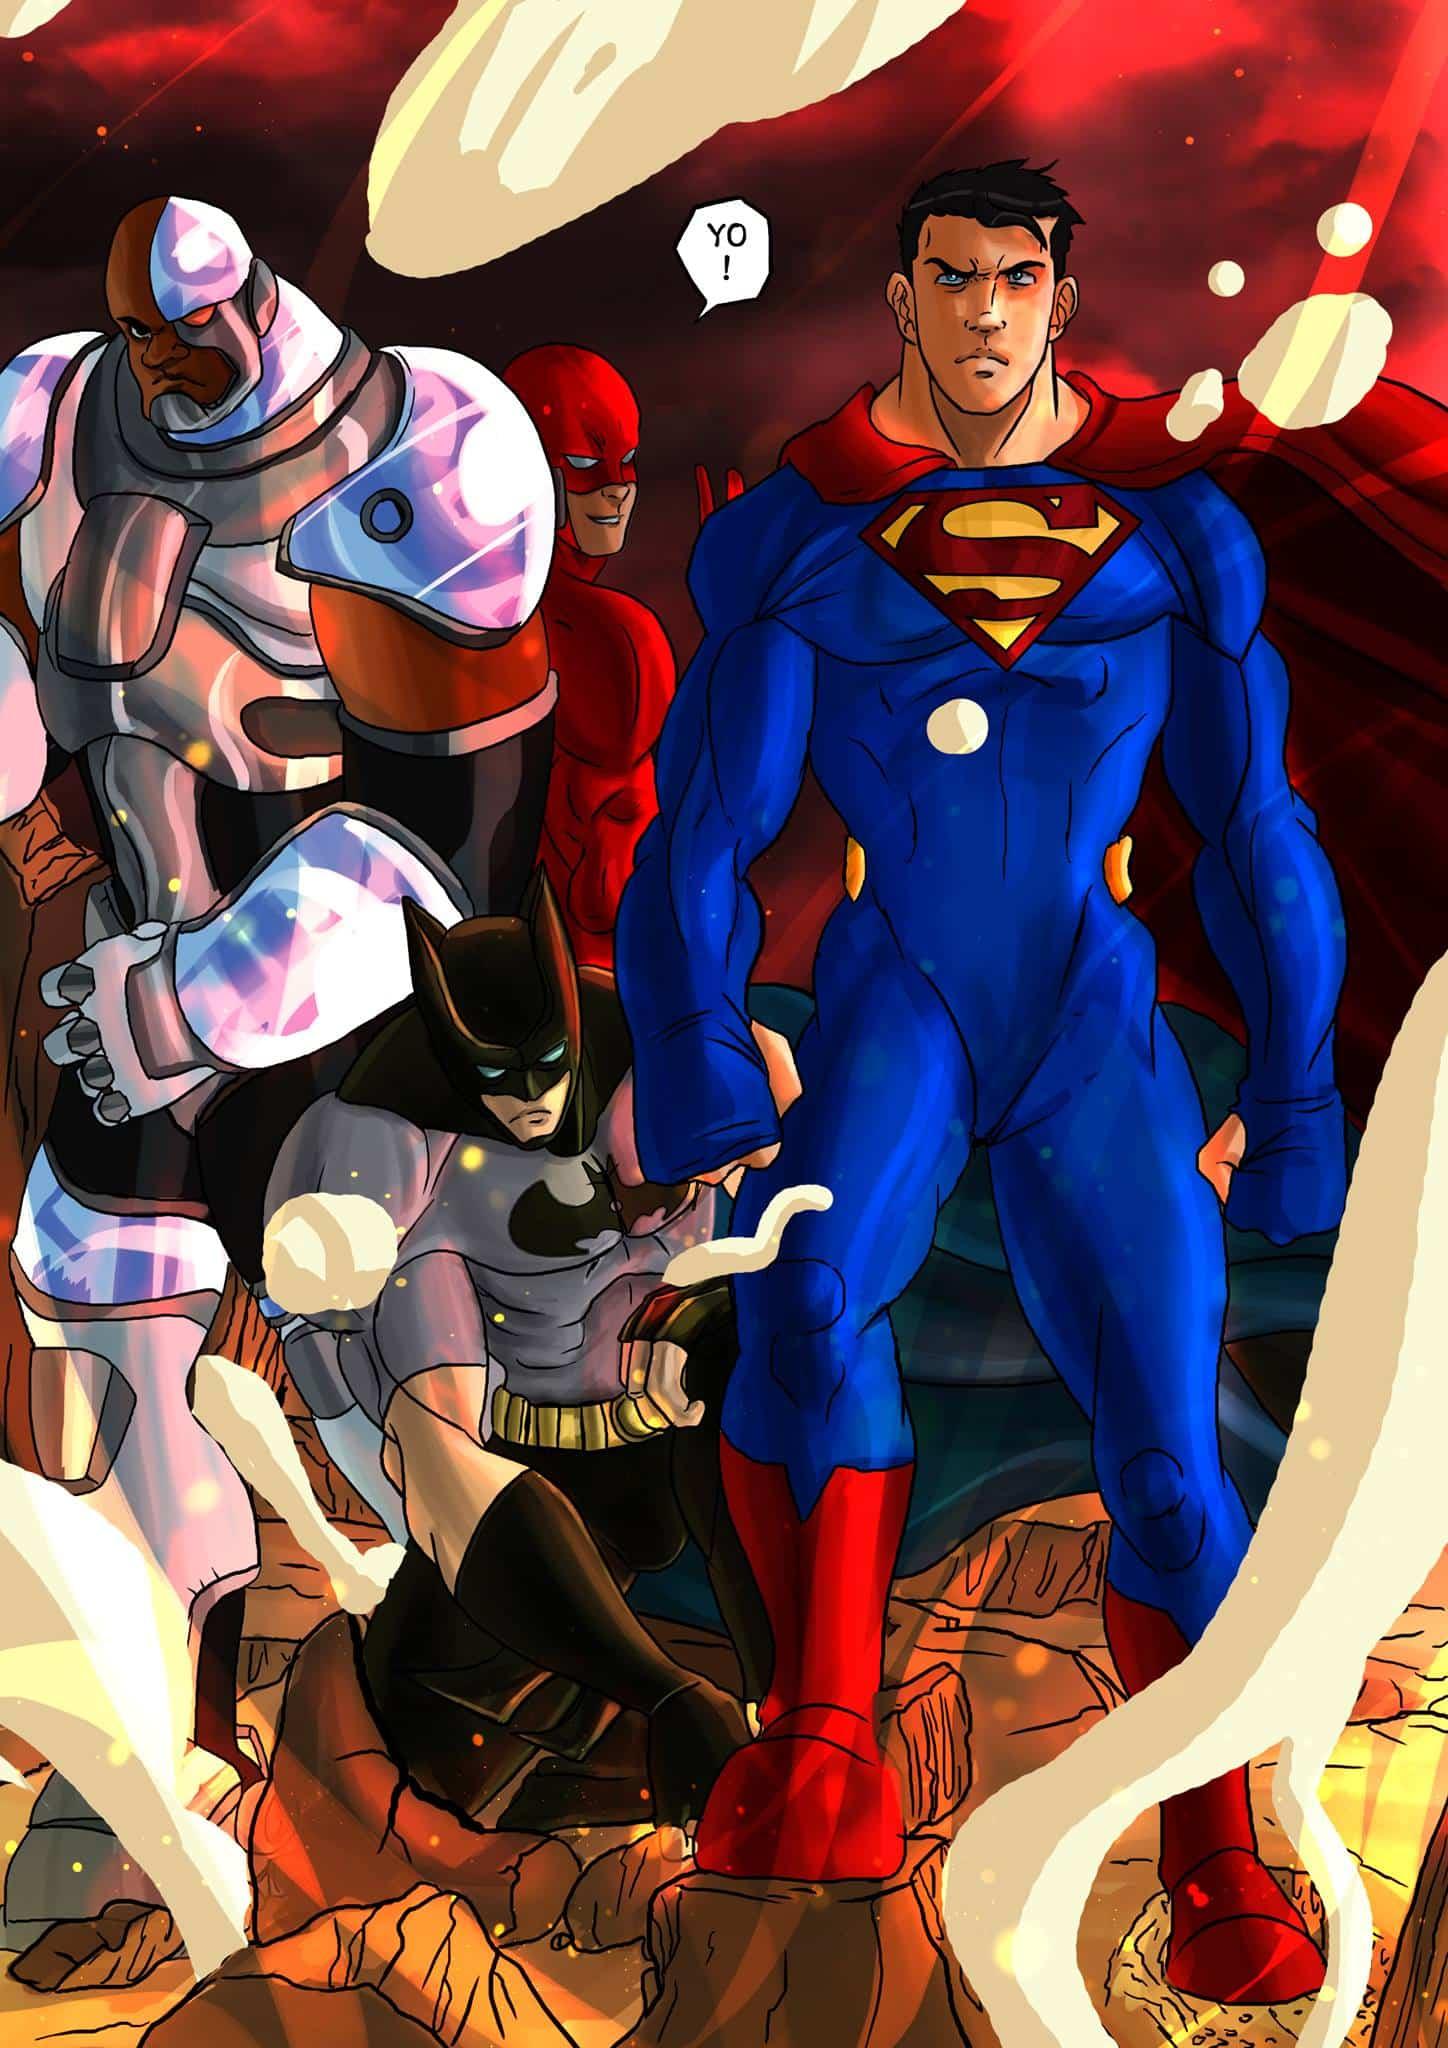 Justice league goku - 14